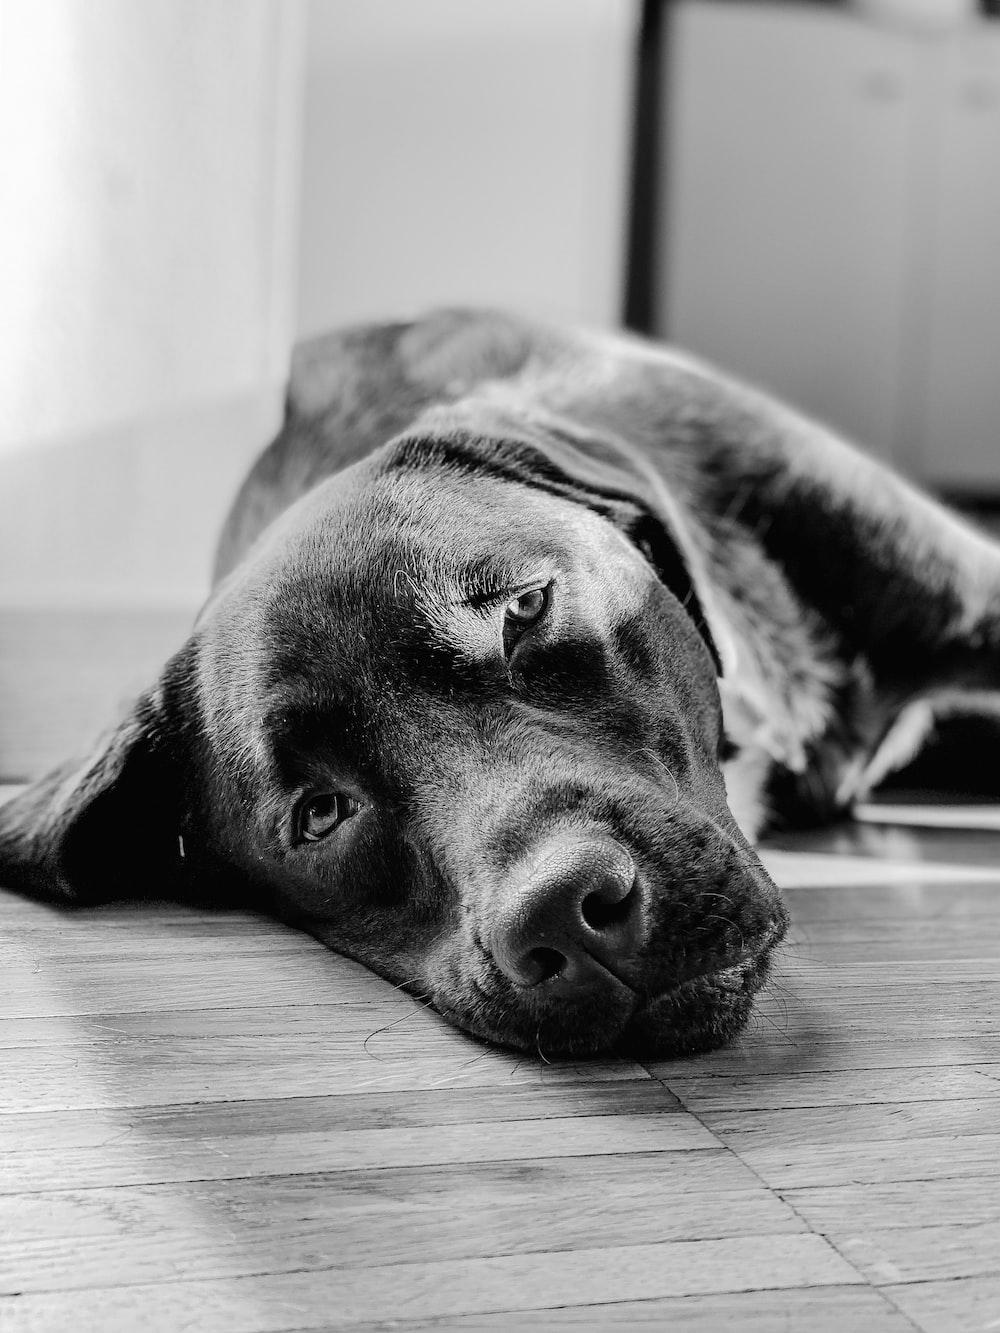 grayscalee photo of dog lying on floor